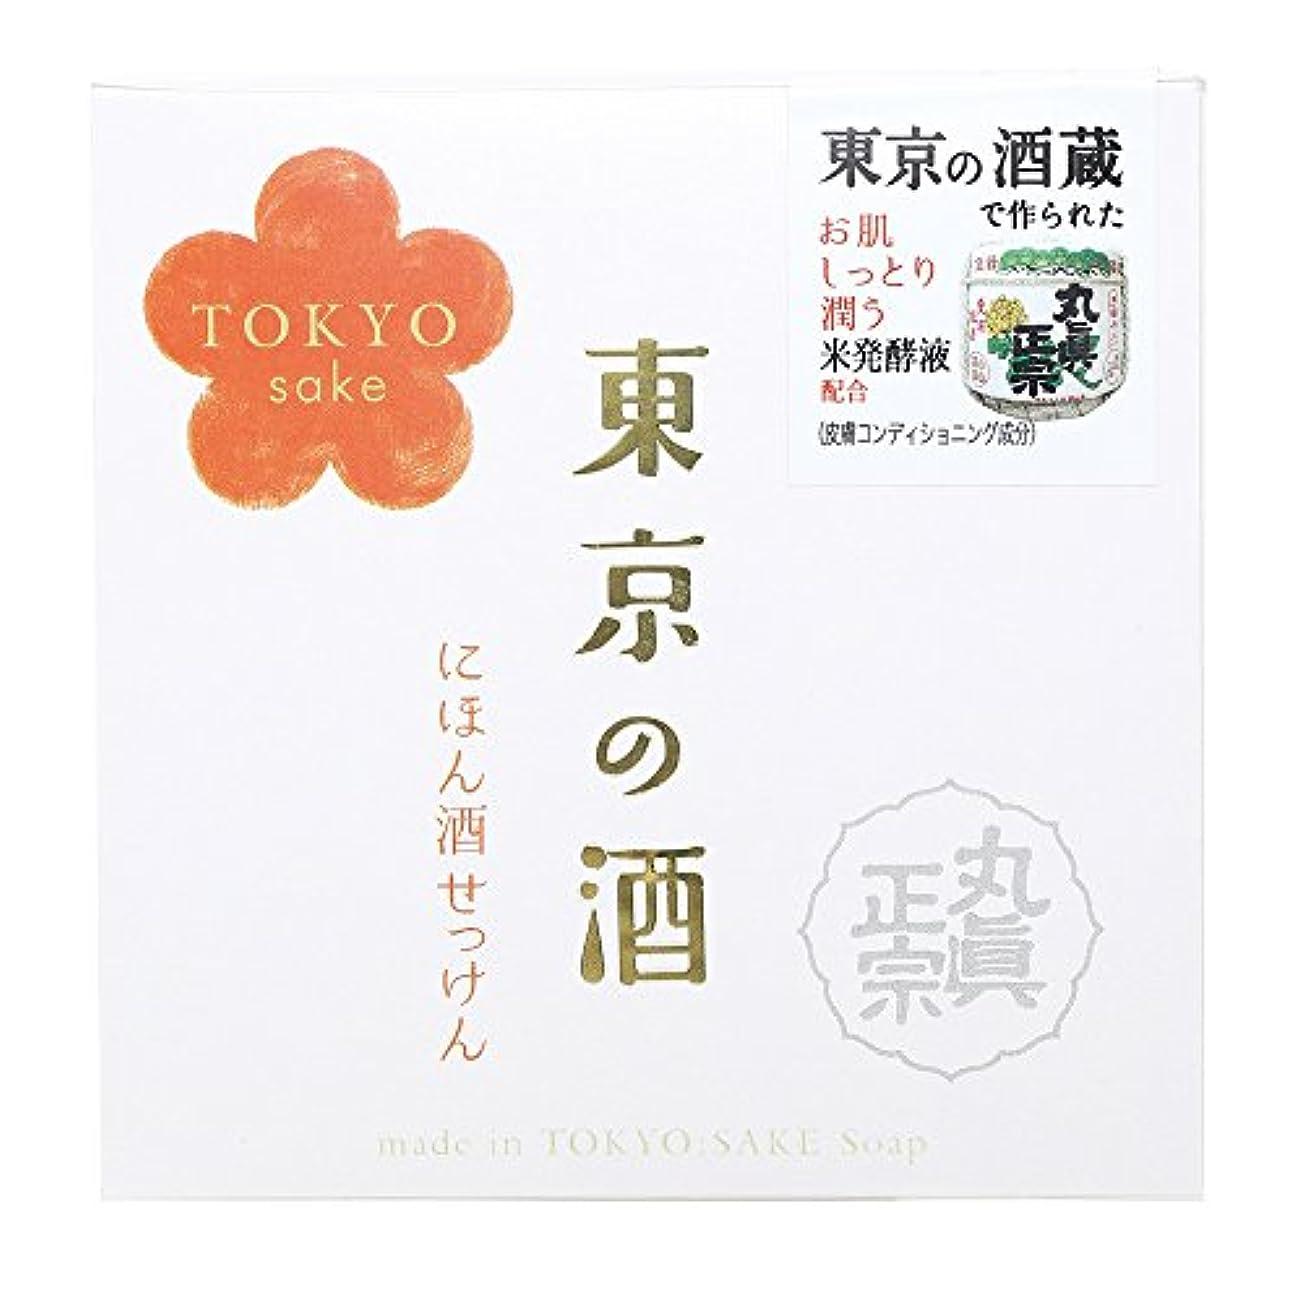 中止します旋回カヌーノルコーポレーション 東京の酒 石けん OB-TKY-1-1 100g